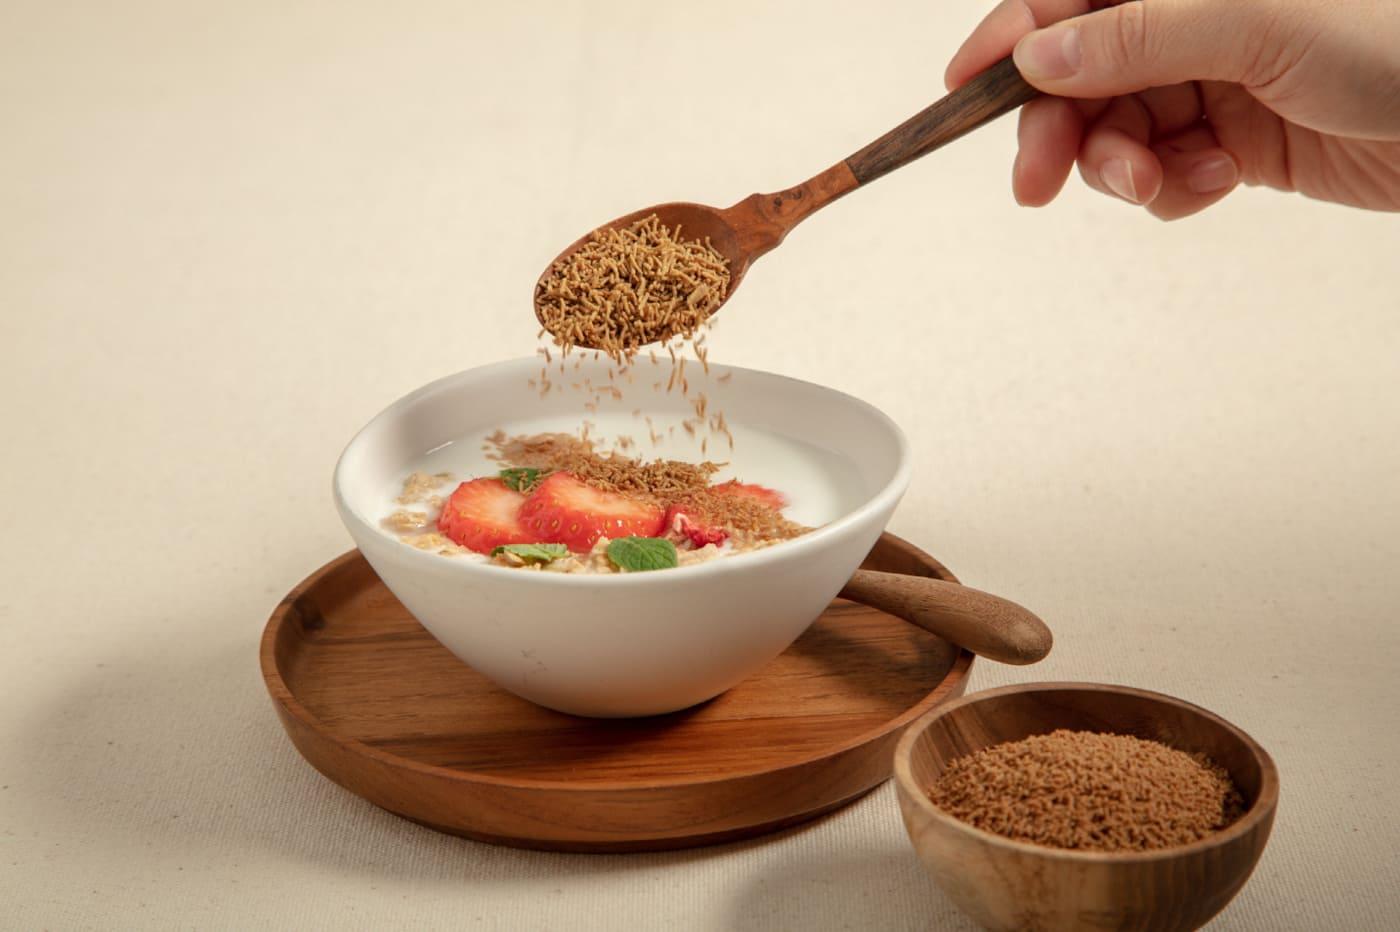 삼일동안 쾌(快) / 식이섬유 영양만점 쌀눈/쌀겨 '미강'으로 만든 발효 효소 가루 상세이미지3